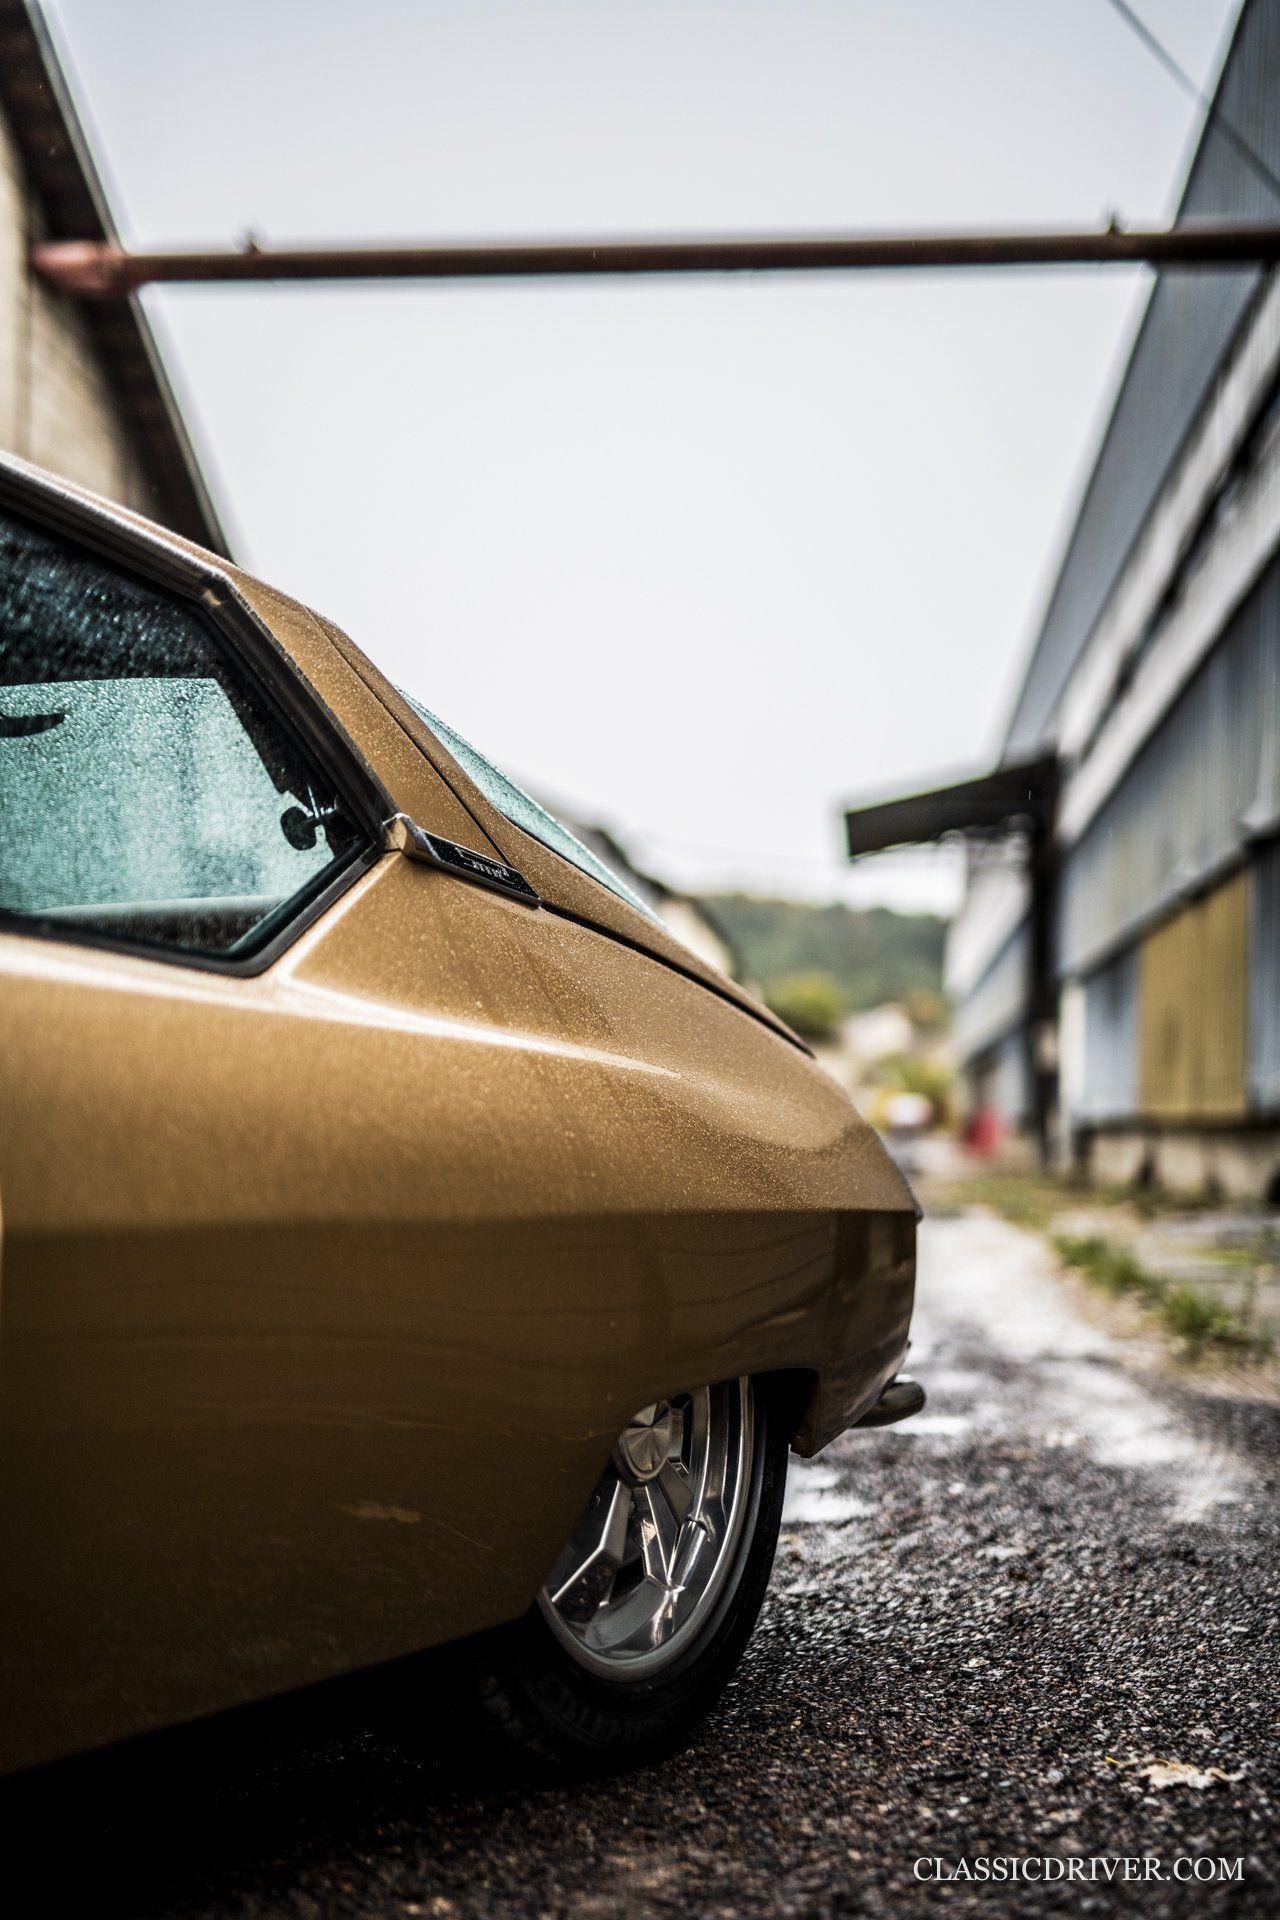 SM2 - Restomod à la française pour la Citroën SM ! 29